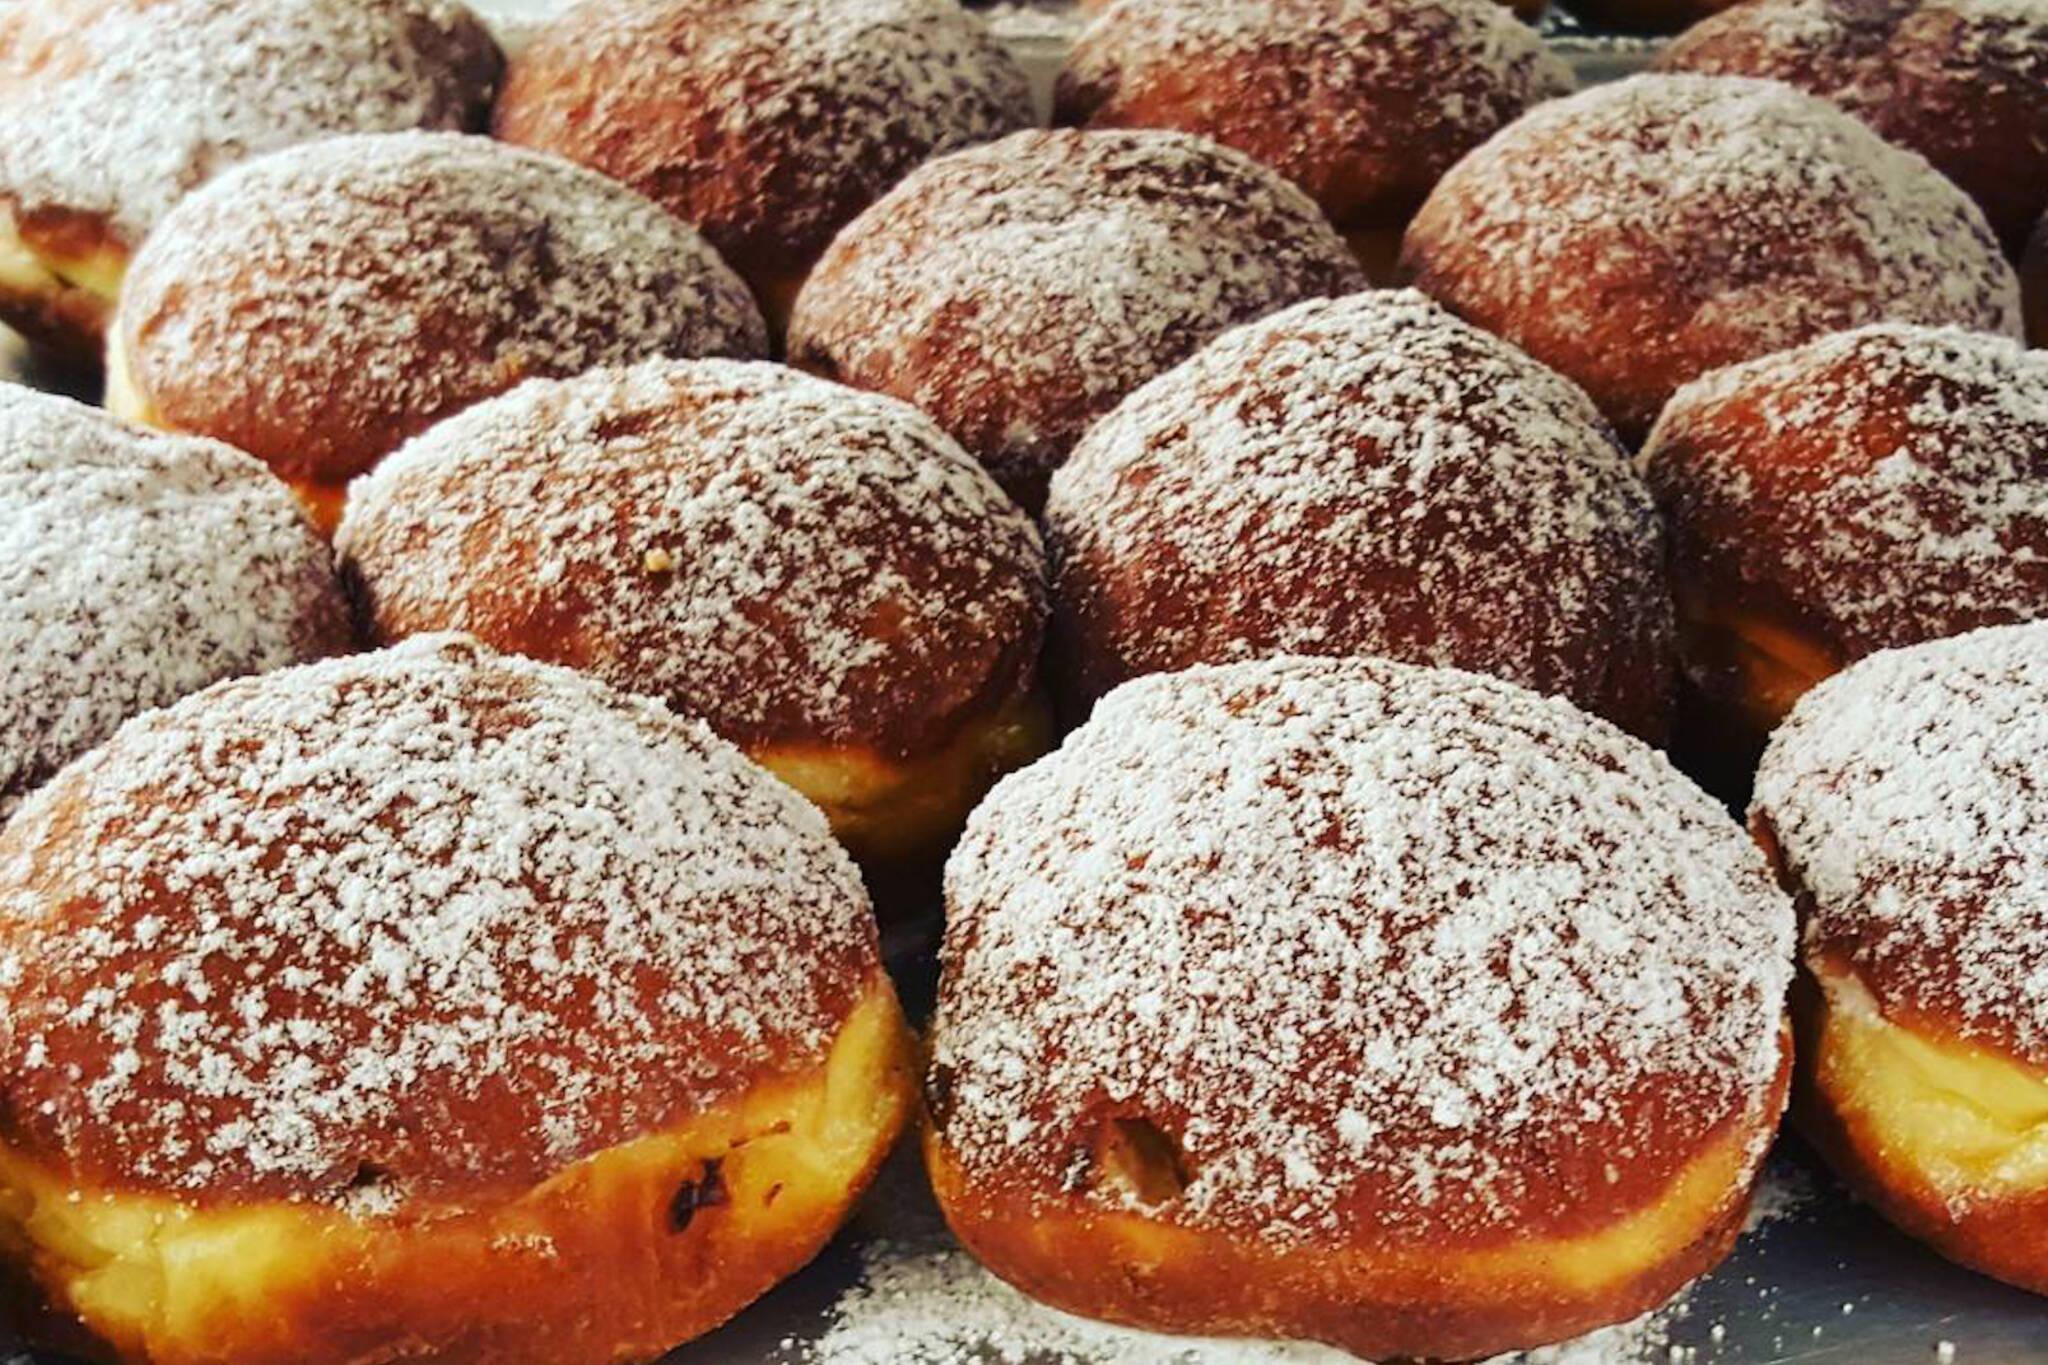 polish bakery toronto